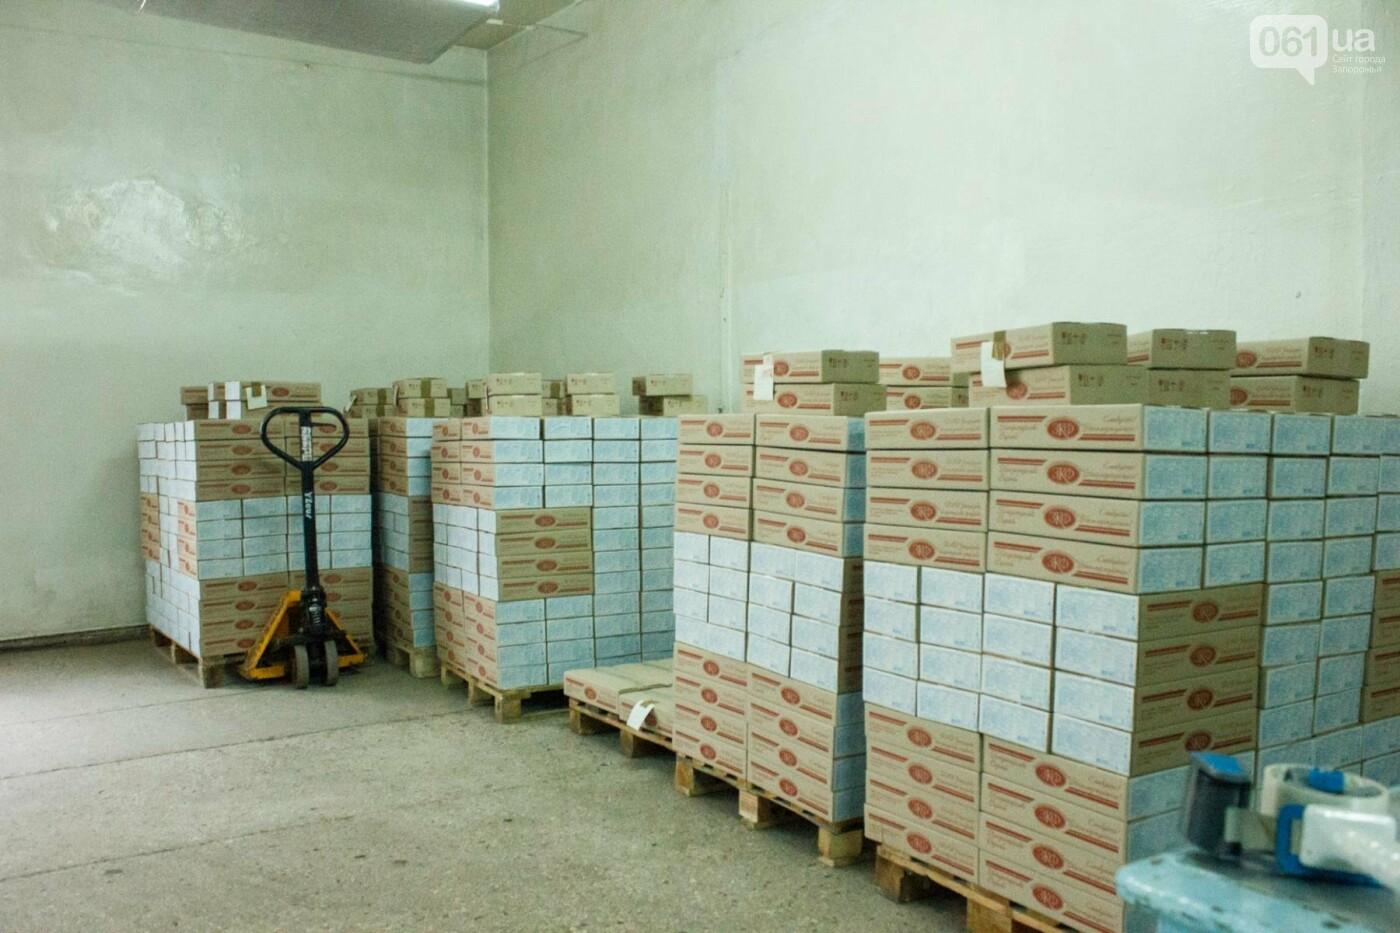 Как в Запорожье делают конфеты: экскурсия на кондитерскую фабрику, – ФОТОРЕПОРТАЖ, фото-15